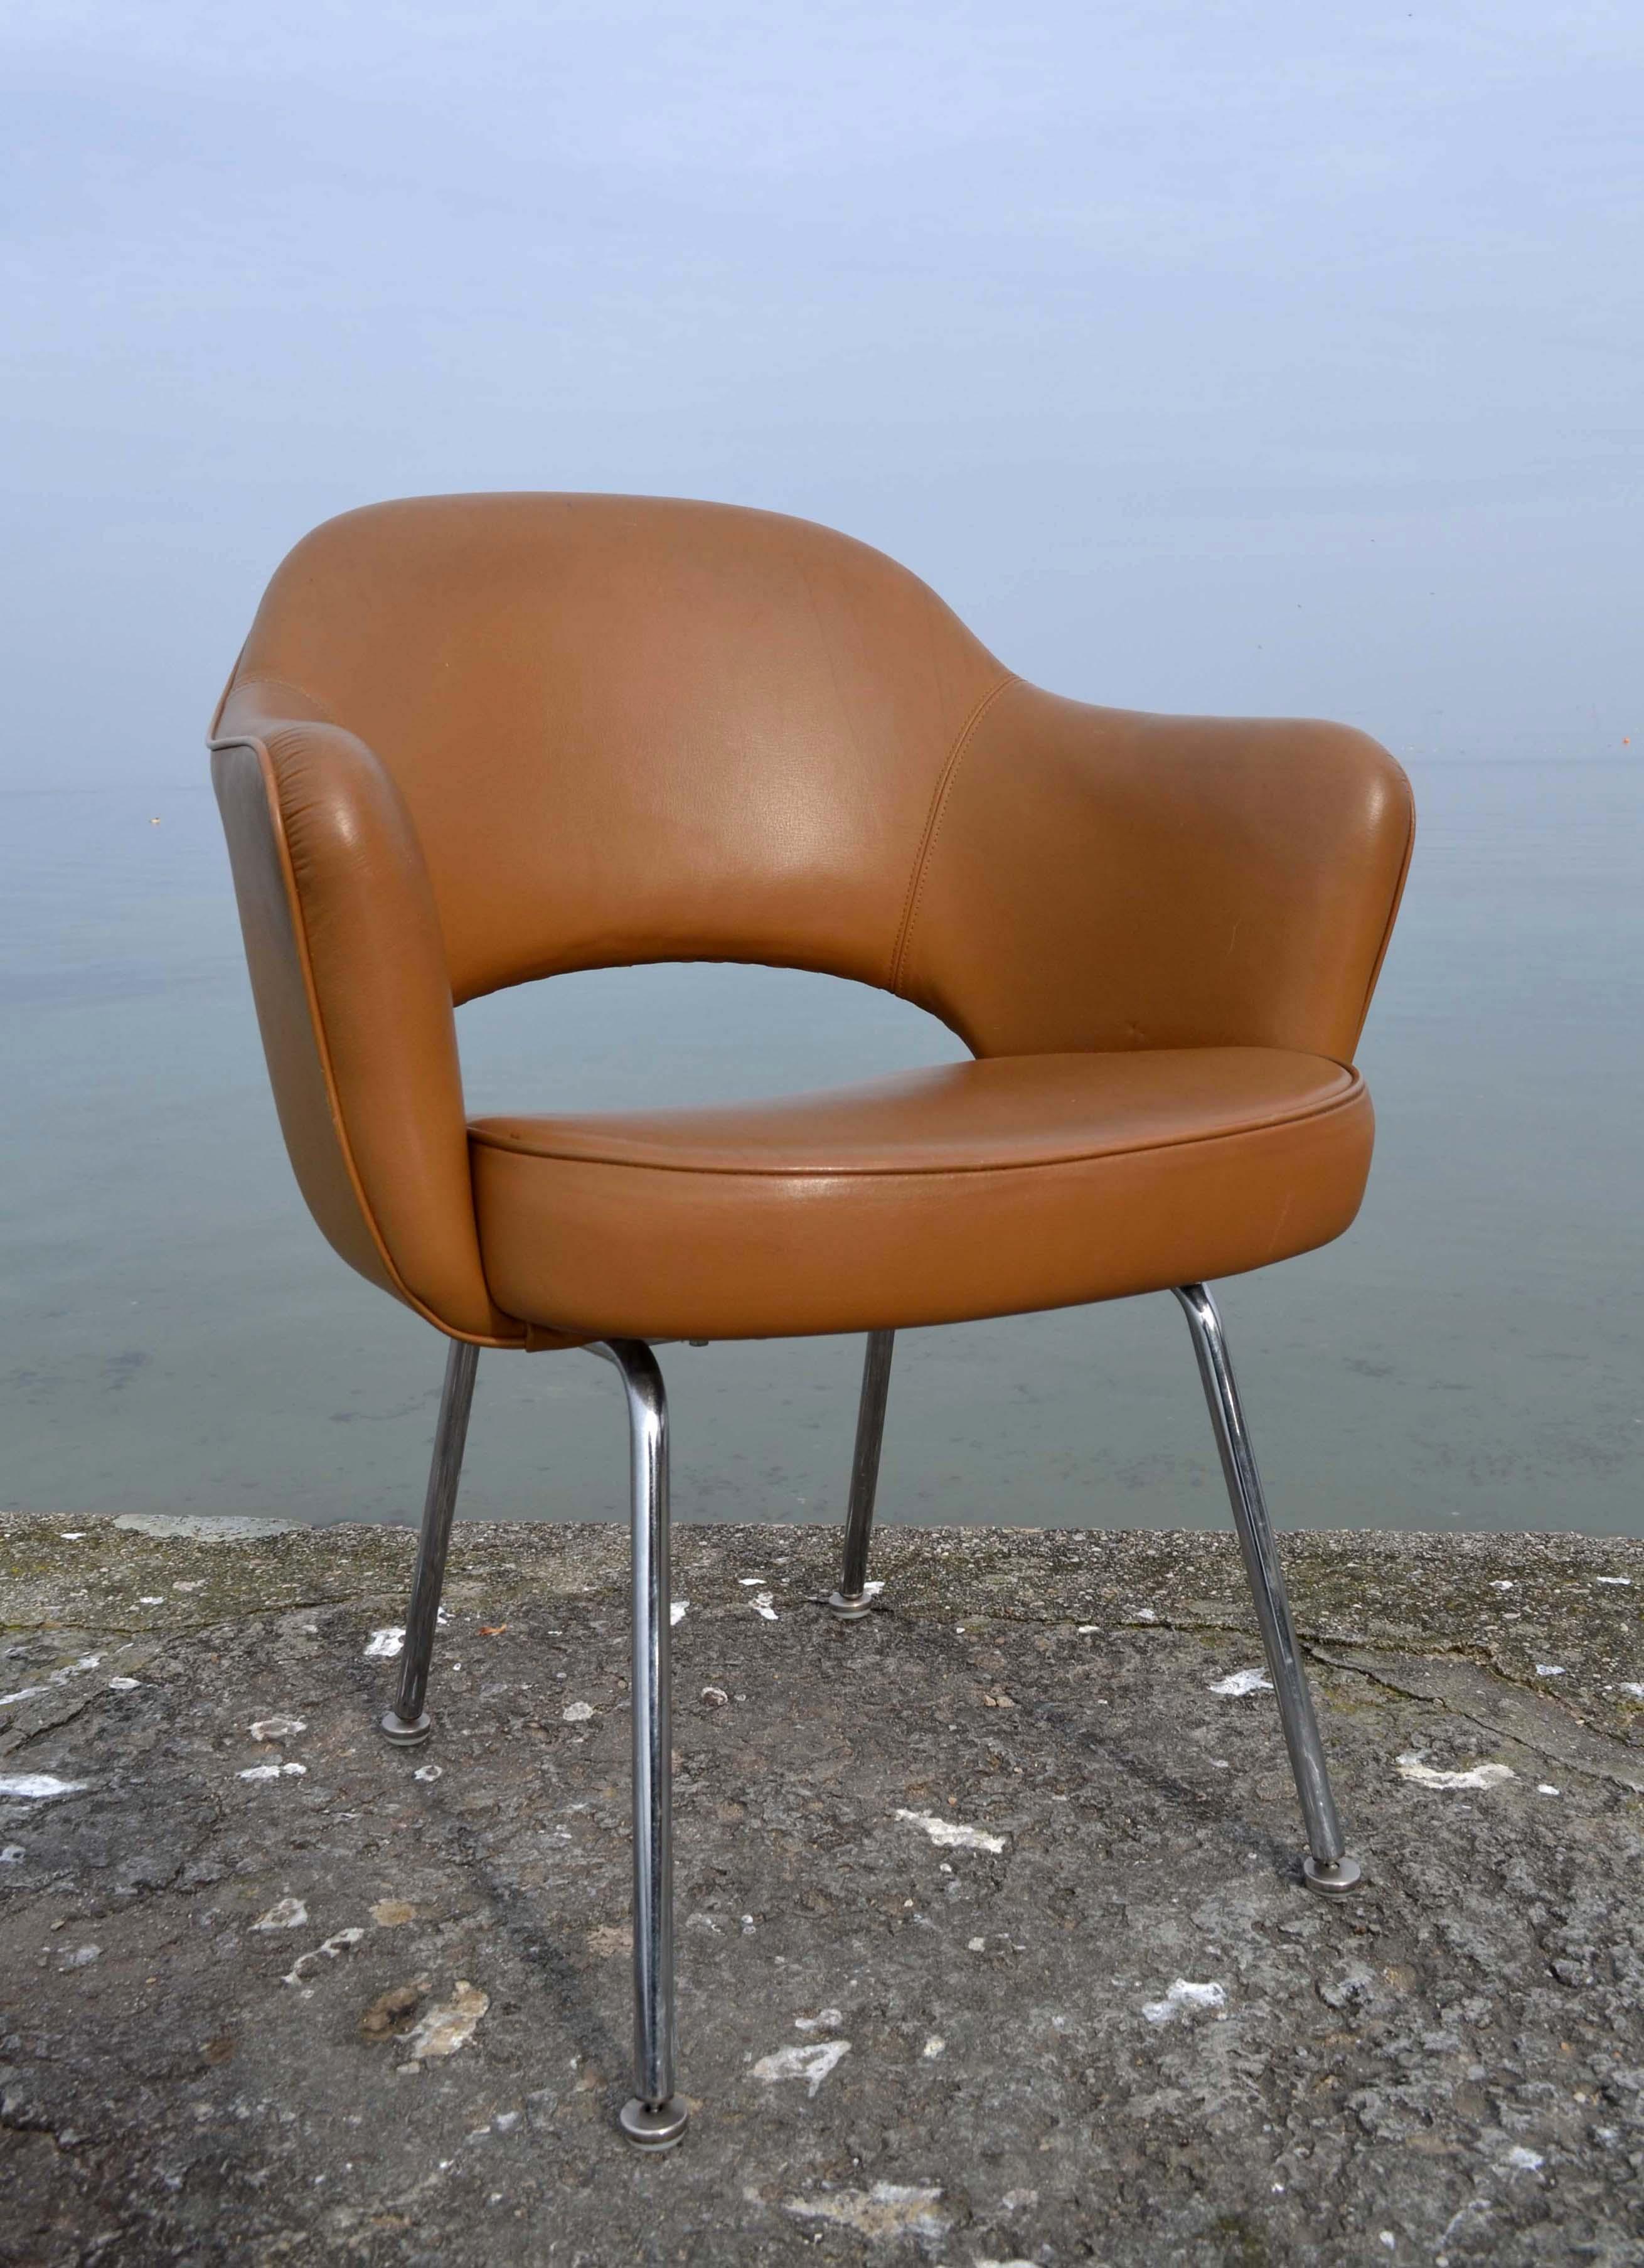 des chaises design vintage des ann es 1950 80 de designers connus mais aussi des pi ces. Black Bedroom Furniture Sets. Home Design Ideas